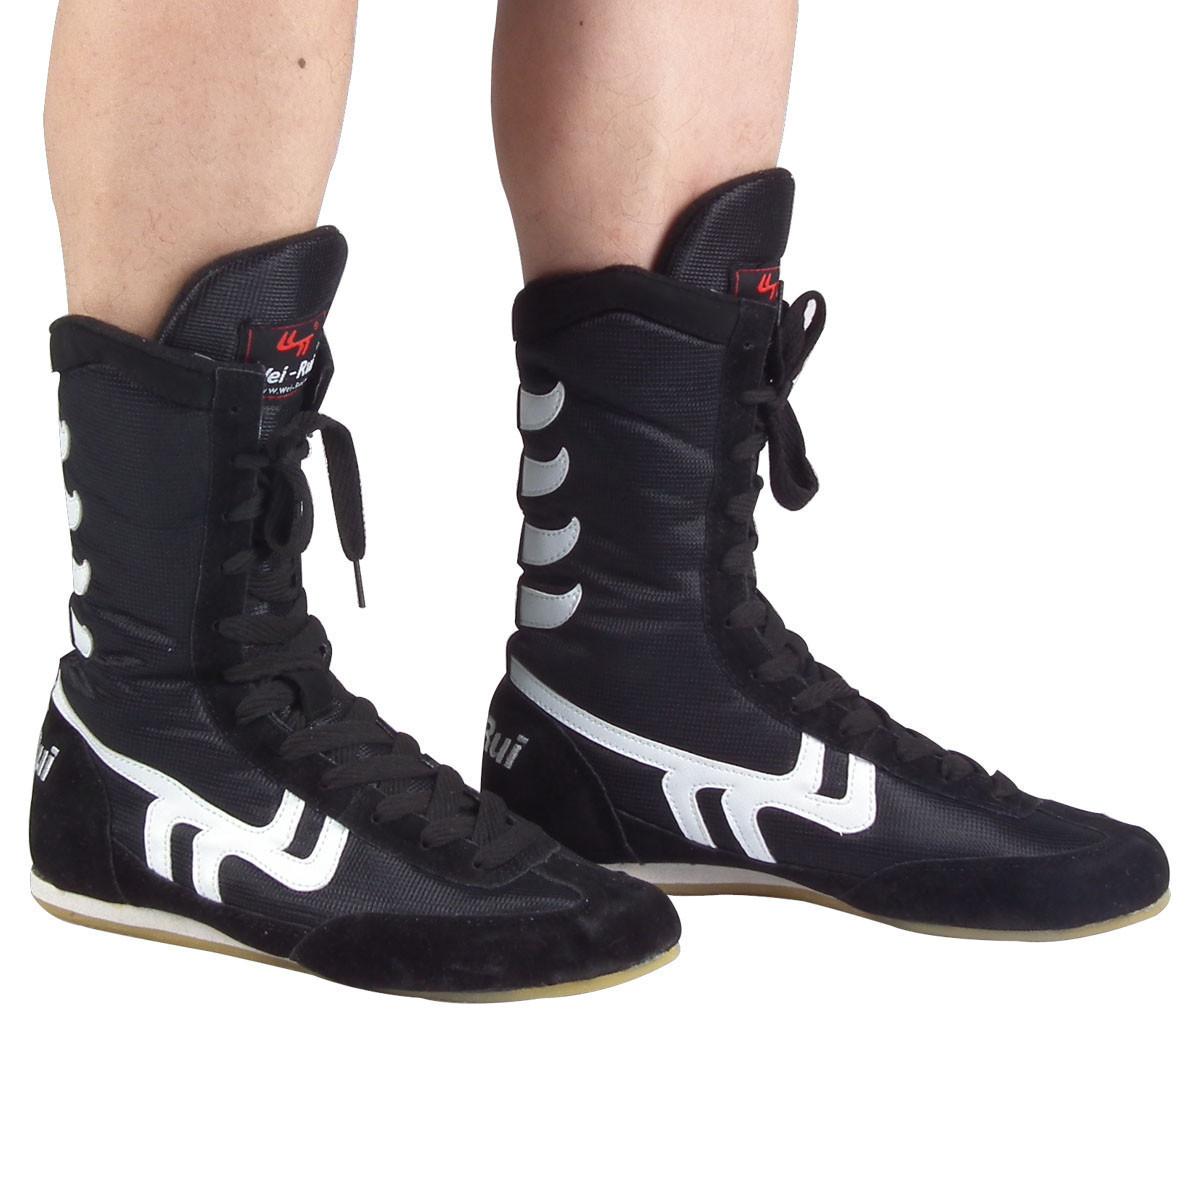 Подлинный престиж швейцарский бокс обувной талия бокс обувной саньшоу (свободный спарринг) борьба забастовка бросать упорная борьба ушу сухожилие натуральная кожа воздухопроницаемый + обувь, сумки